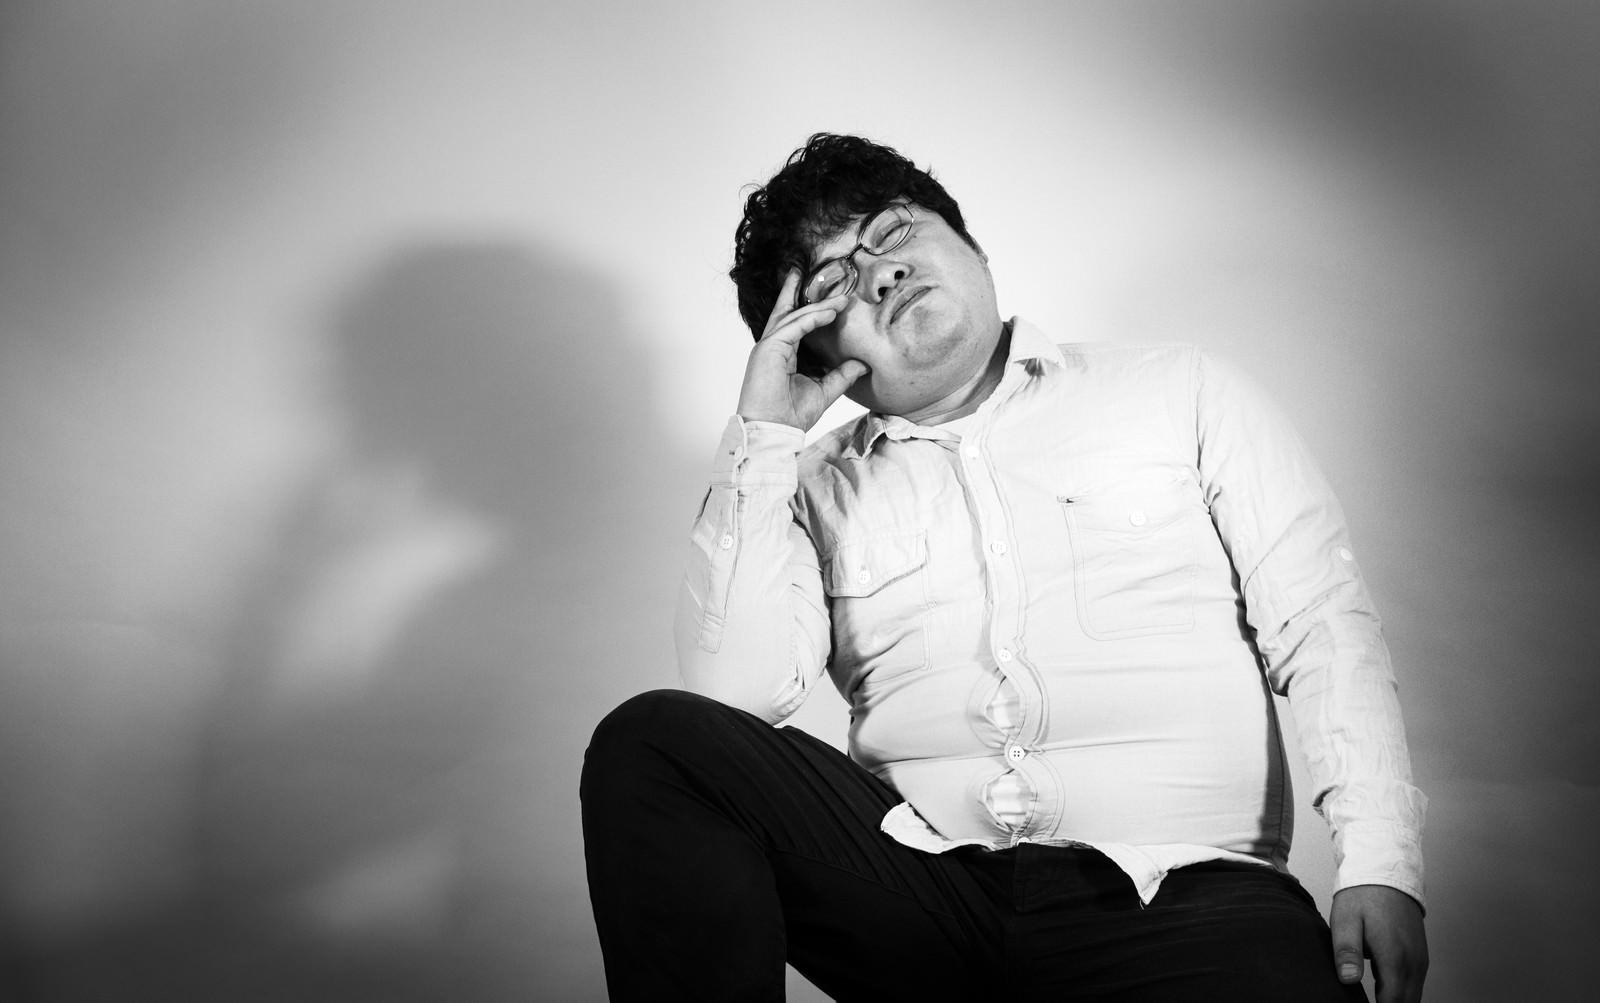 「監督と呼ばれた男監督と呼ばれた男」[モデル:段田隼人]のフリー写真素材を拡大